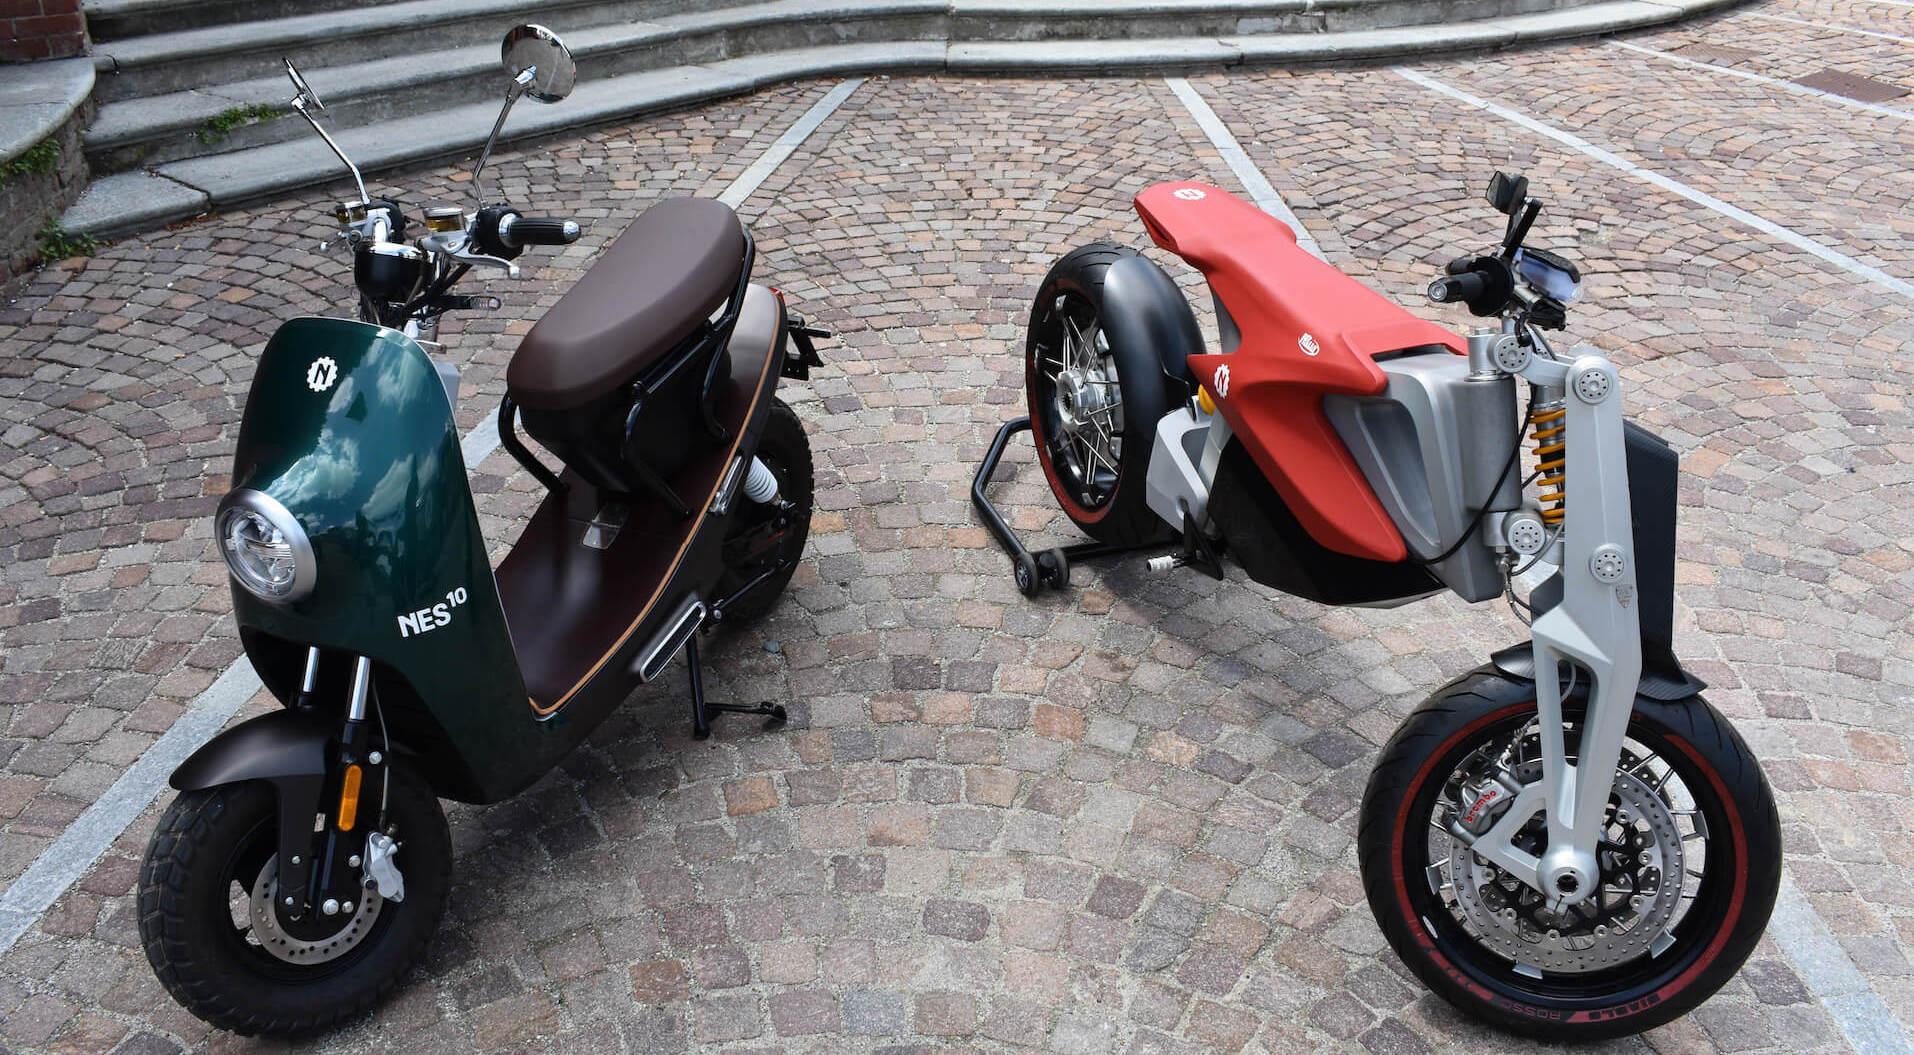 La nuova idea di industria che rivoluziona la mobilità elettrica a due ruote